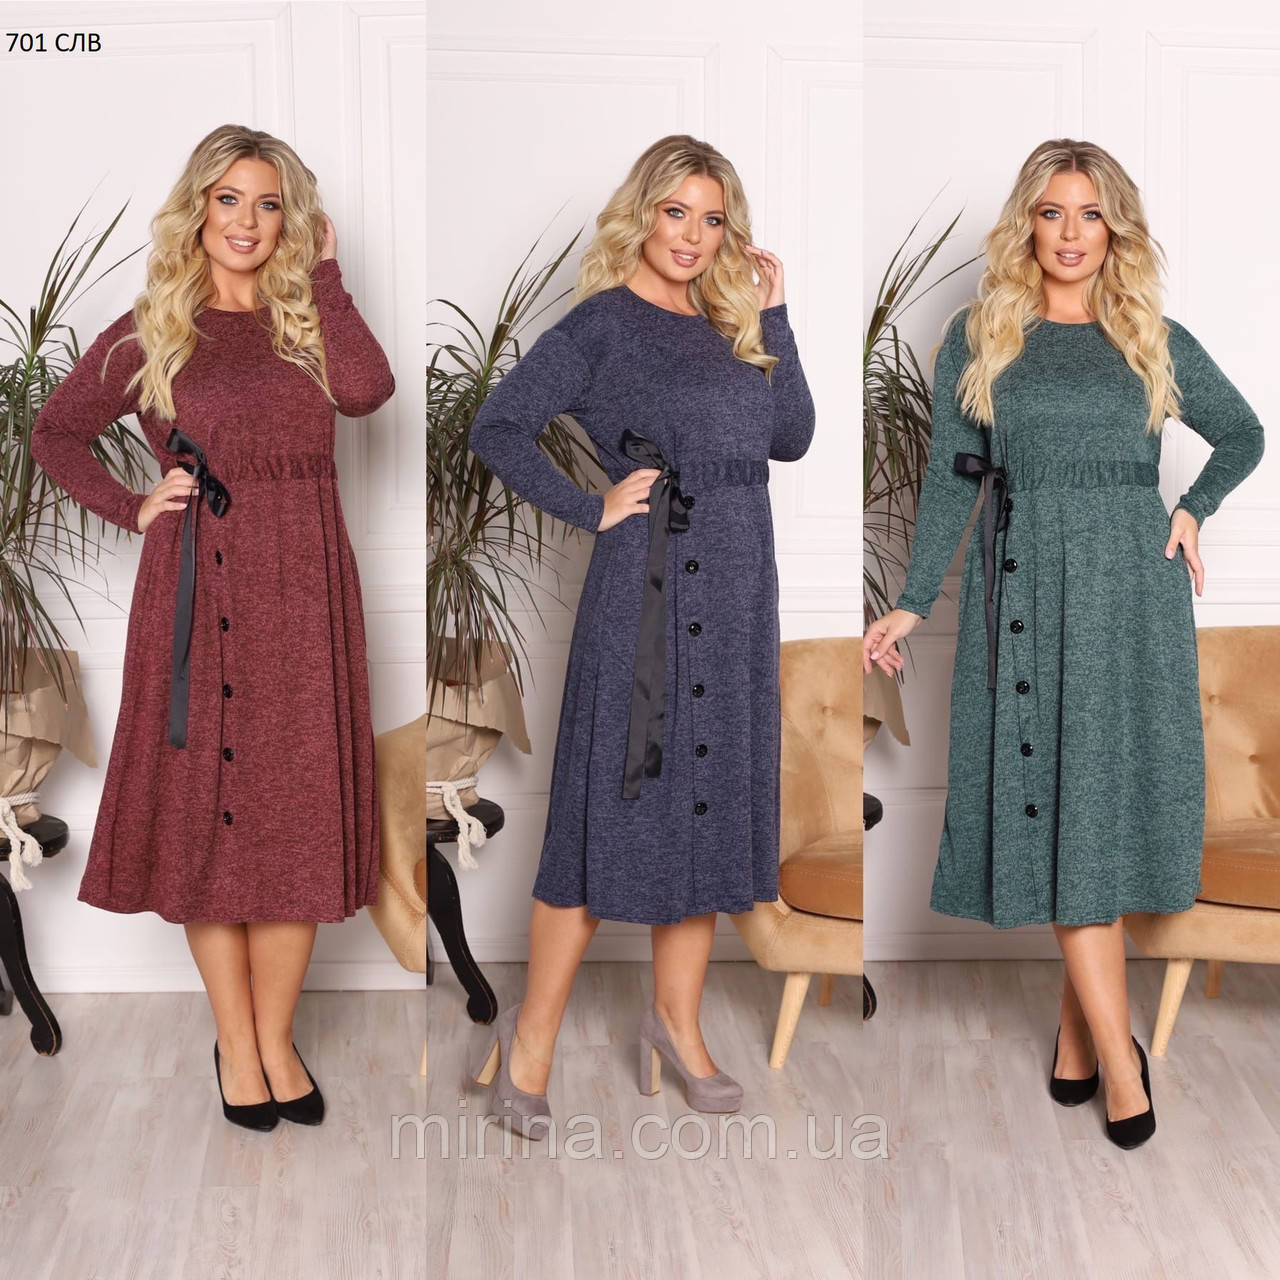 Жіноче плаття норма 701 СЛВ